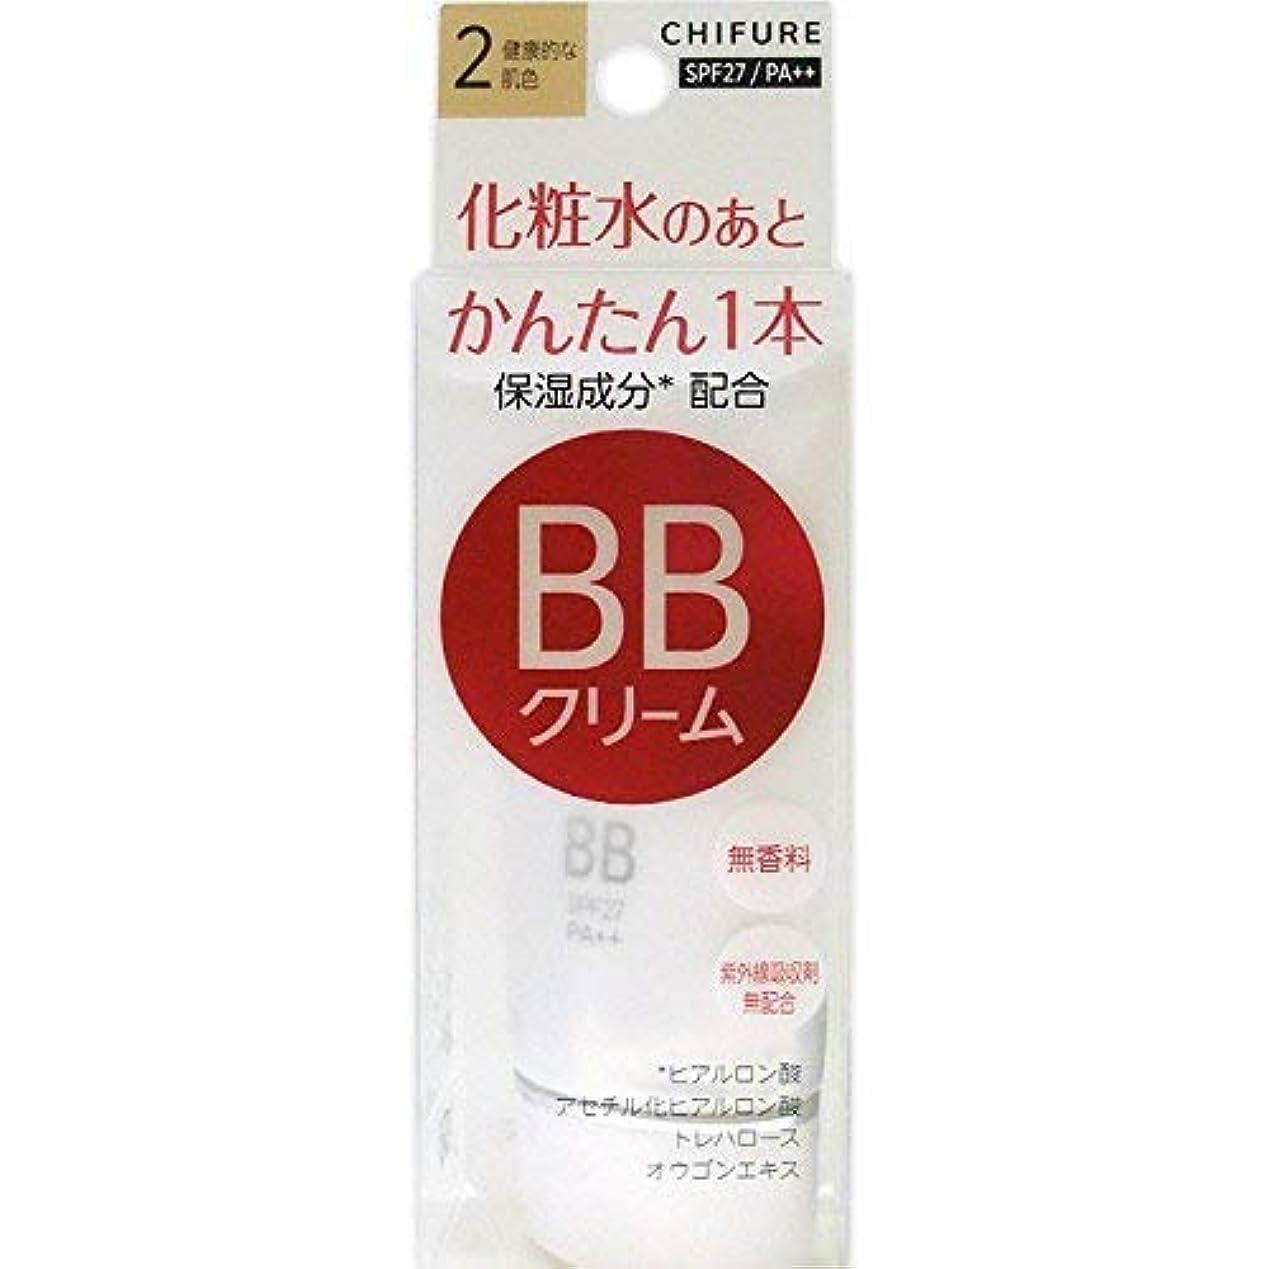 松明膨張する論理的ちふれ化粧品 BB クリーム 2 健康的な肌色 BBクリーム 2